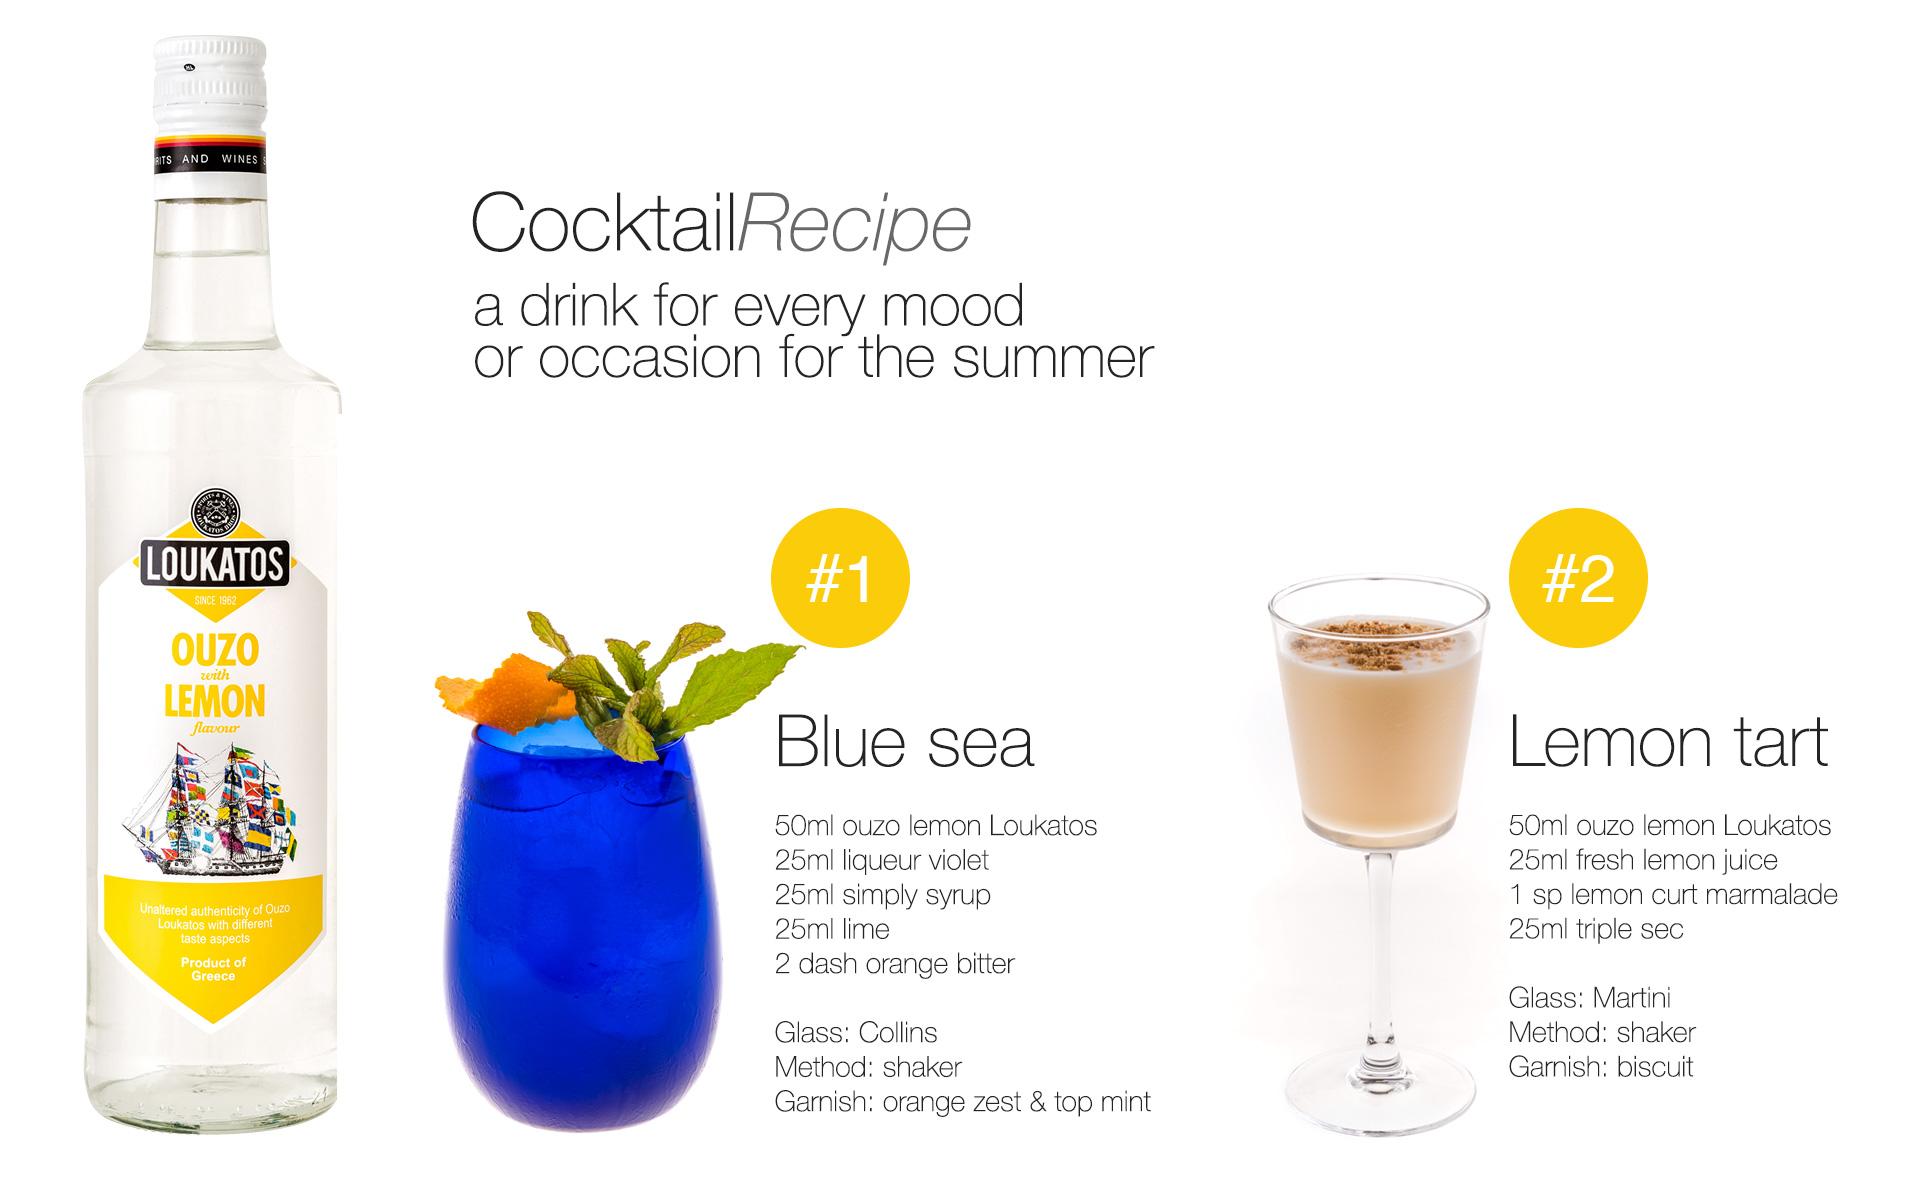 lemon-coctail-ouzo-flavors